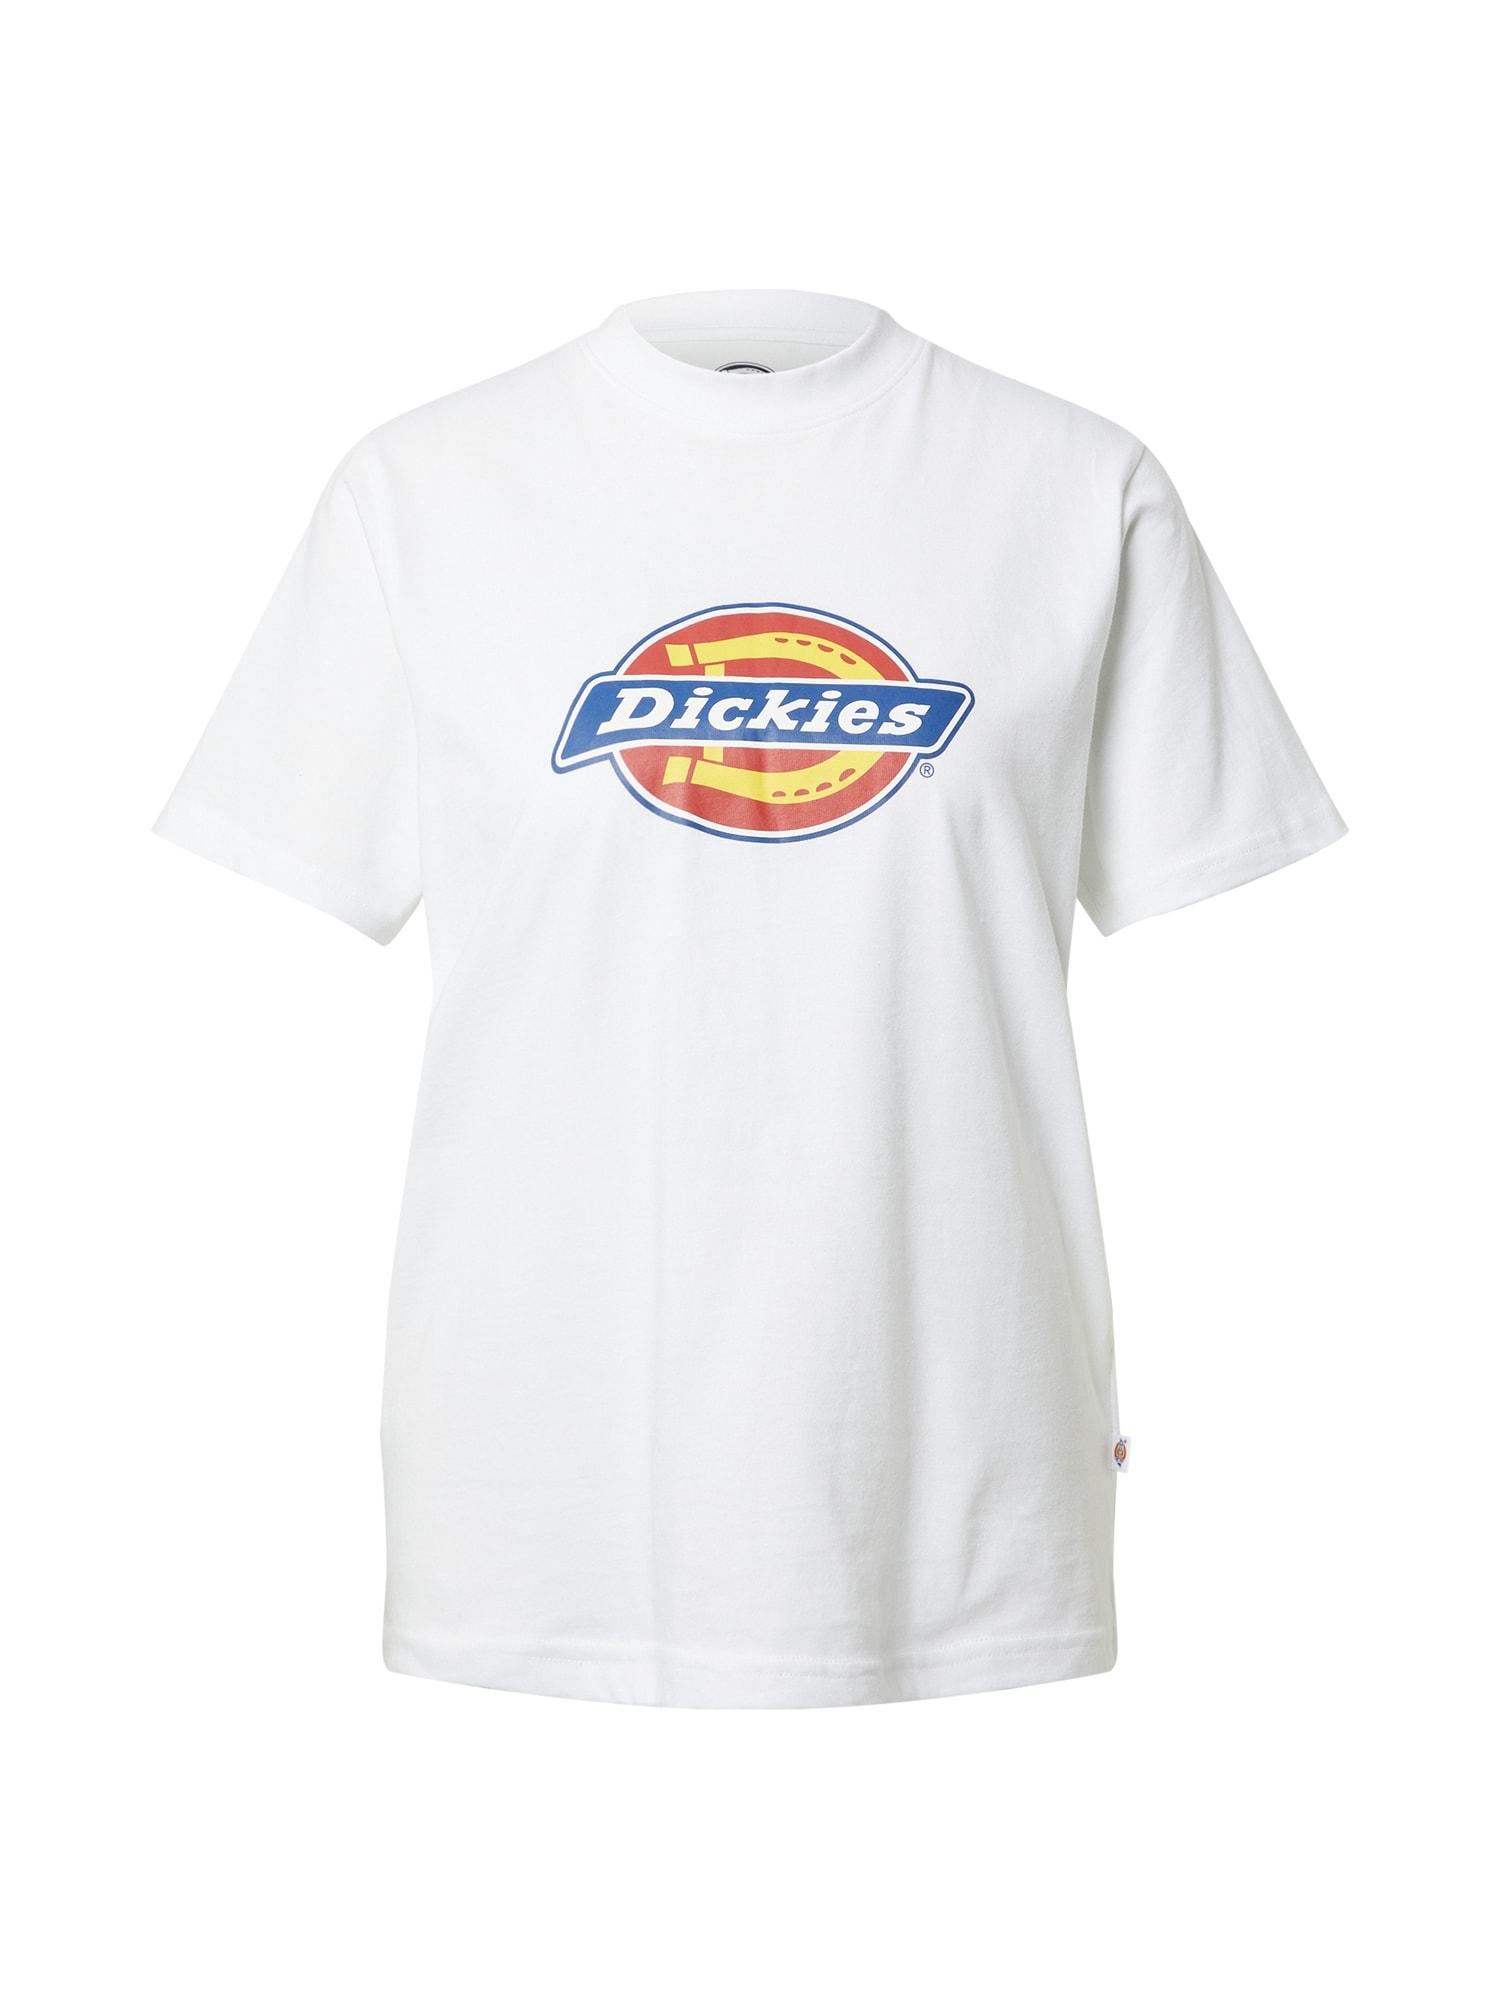 DICKIES Marškinėliai balta / mėlyna / raudona / geltona